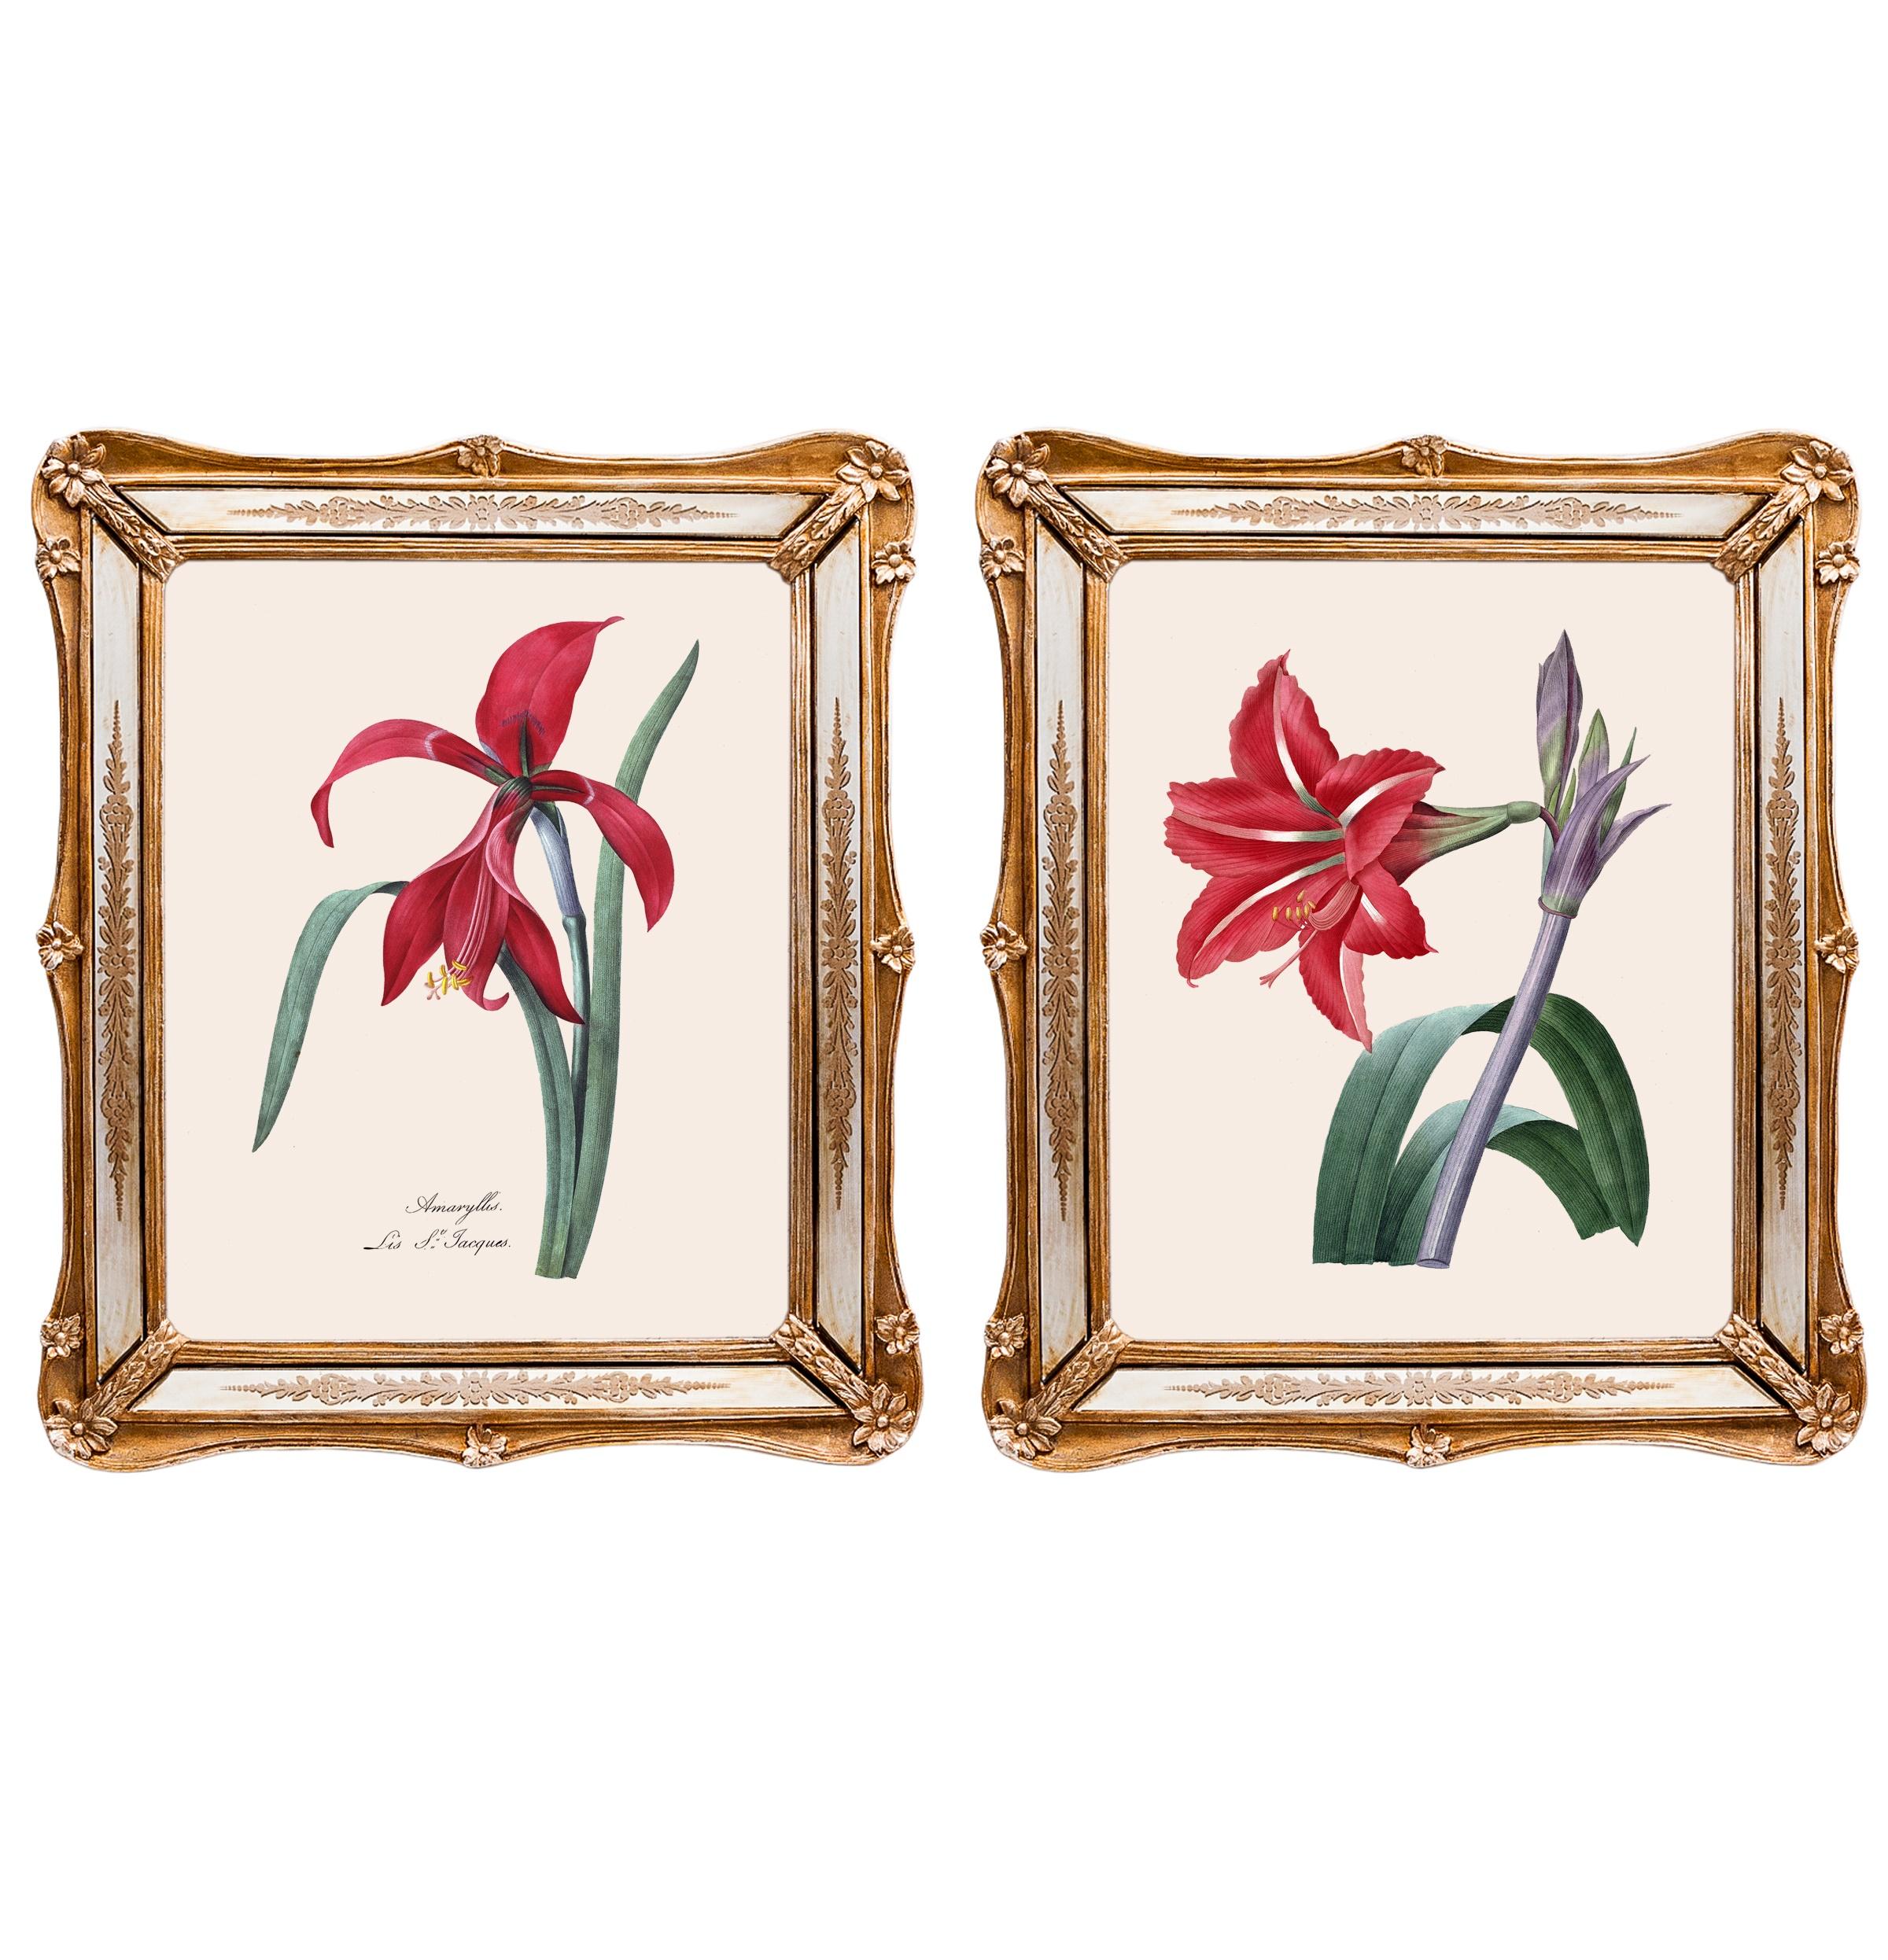 Набор из двух репродукций старинных картин в раме Софи. Удивительные цветы 8Картины<br>&amp;lt;div&amp;gt;Барышни позапрошлого века тщательно срисовывали в свои альбомы акварели французского ботаника Пьера-Жозефа Редуте, который был официальным придворным художником королевы Марии-Антуанетты. Репродукции его великолепных работ, обрамленные в не менее красивые рамы с зеркальными вставками, созданы удивлять и ежедневно дарить прекрасное настроение. Картины можно повесить на стену, а можно поставить, например, на стол или камин. Защитный стеклянный слой сохранит изображение от воздействий окружающей среды. Если Вам захочется обновить интерьер, Вы можете с легкостью заменить изображение картины!&amp;lt;/div&amp;gt;&amp;lt;div&amp;gt;&amp;lt;br&amp;gt;&amp;lt;/div&amp;gt;&amp;lt;div&amp;gt;Изображение - дизайнерская бумага; рама - искуственный камень, зеркальные вставки; защитный слой - стекло&amp;amp;nbsp;&amp;lt;/div&amp;gt;&amp;lt;div&amp;gt;цвет:мультиколор&amp;amp;nbsp;&amp;lt;/div&amp;gt;<br><br>Material: Бумага<br>Width см: 26,5<br>Depth см: 2<br>Height см: 30,5